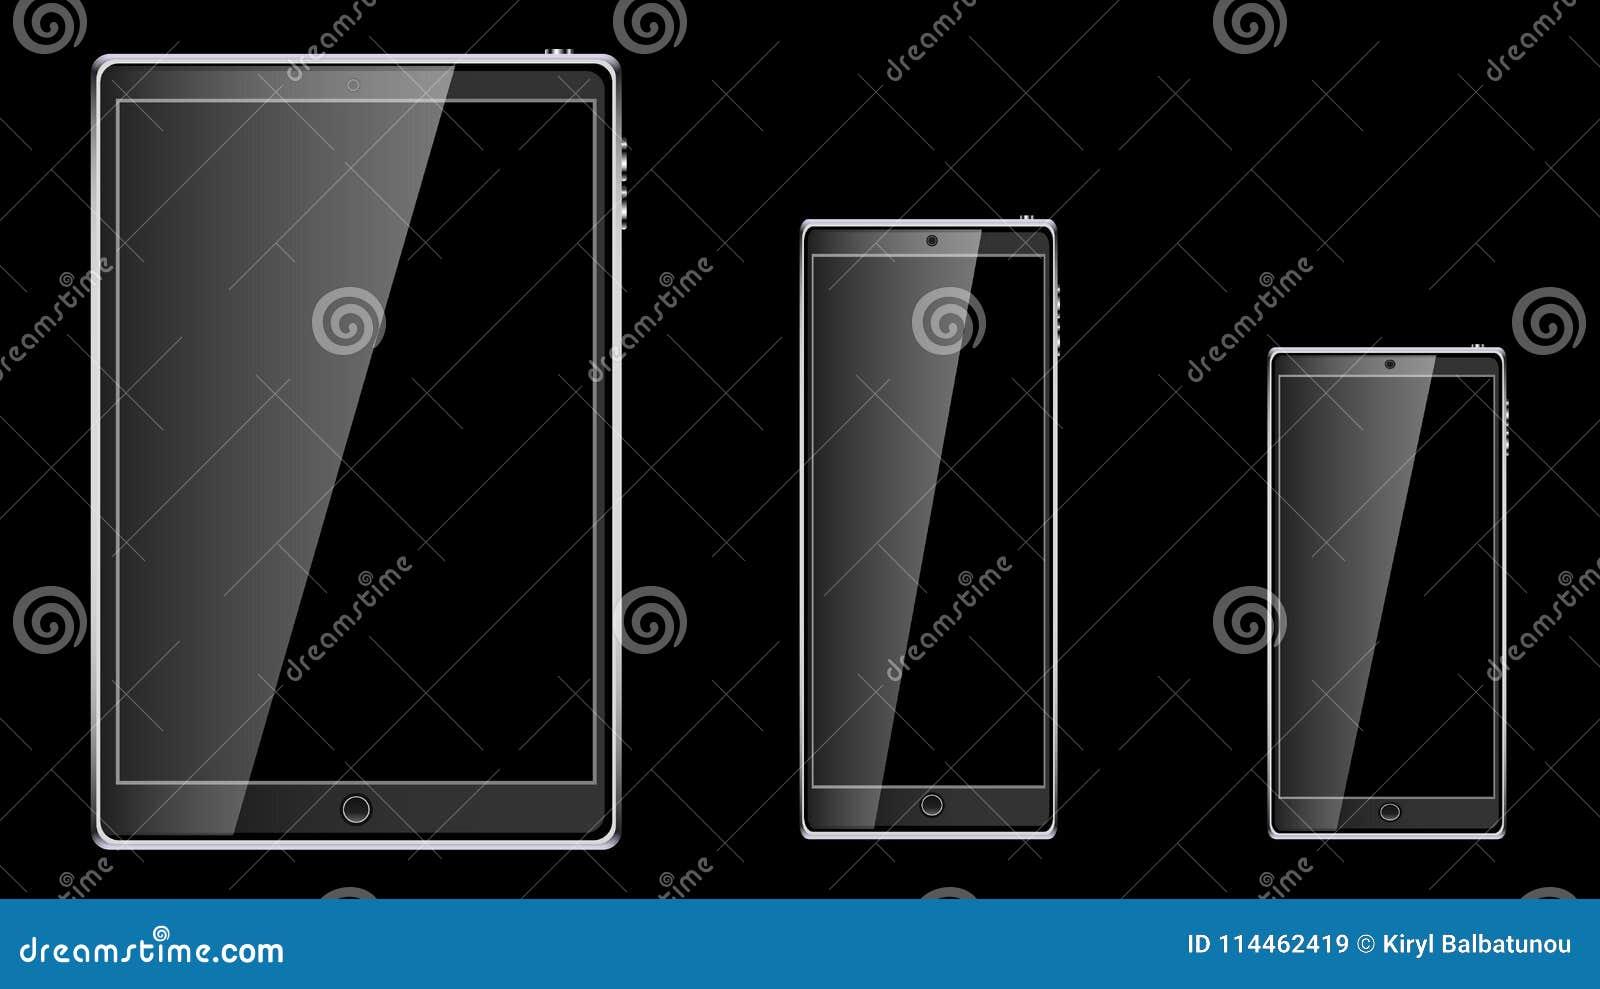 Σύνολο μαύρου ρεαλιστικού ταμπλετών έξυπνου κινητού τηλεφώνου αφής υπολογιστών κινητού, smartphone τη στιλπνή κενή κενή οθόνη που